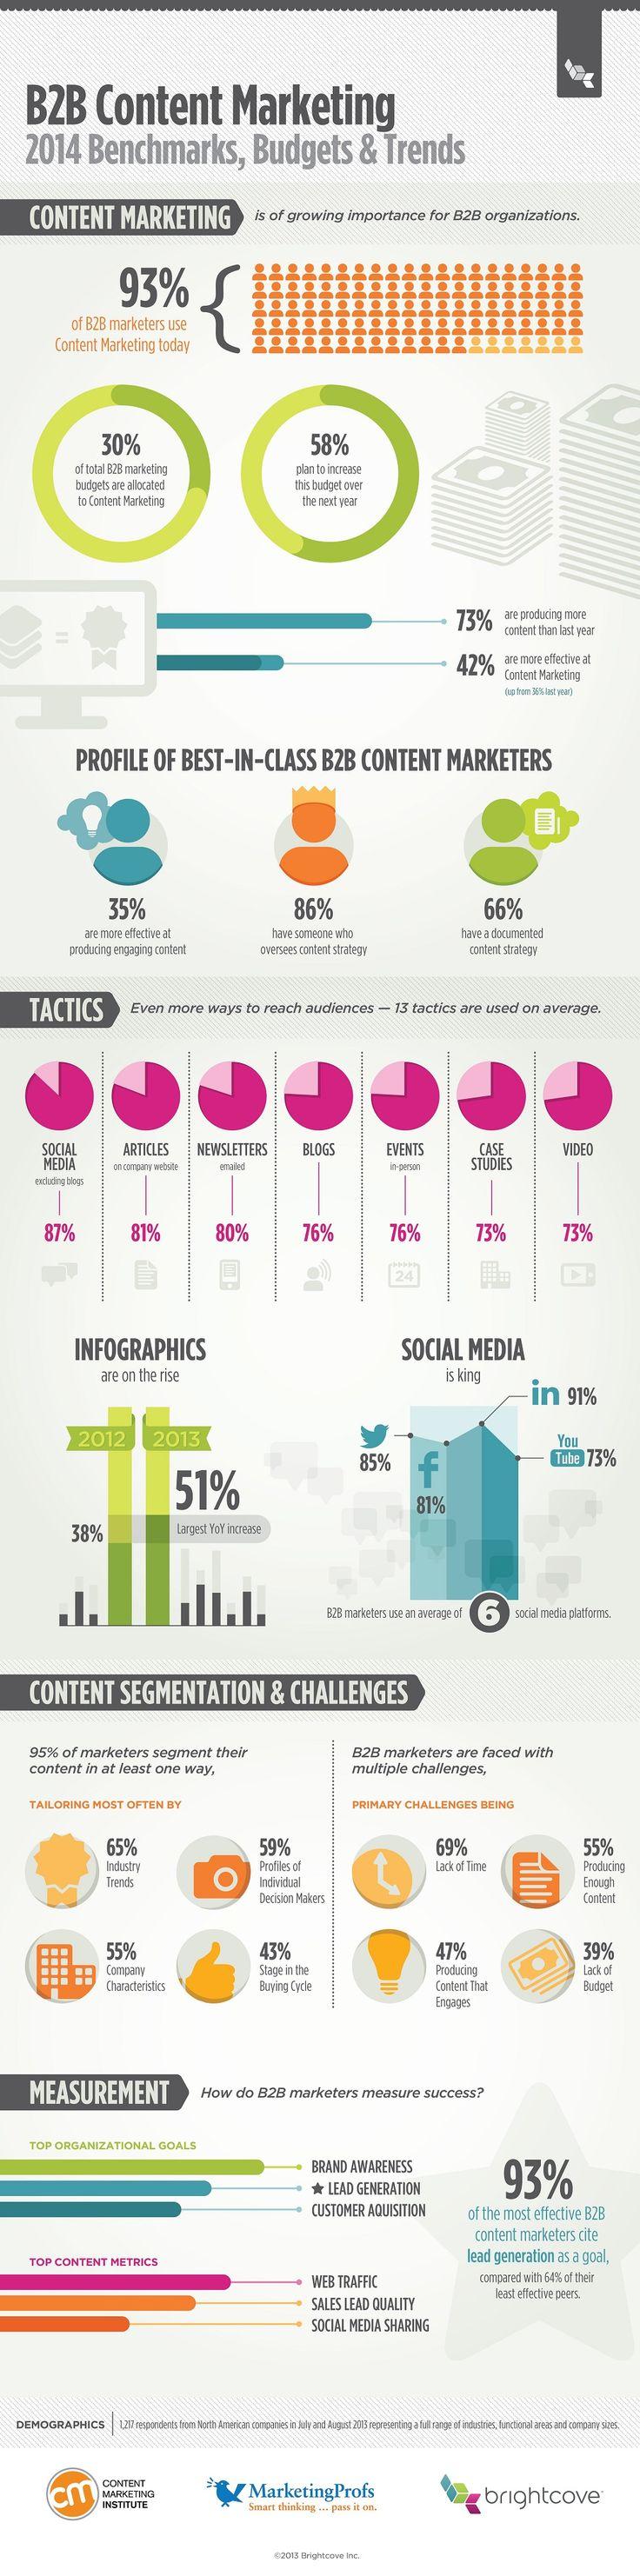 Como os anunciantes B2B utilizam as mídias sociais?  Veja nesse infográfico! #infographic #b2b #socialmedia